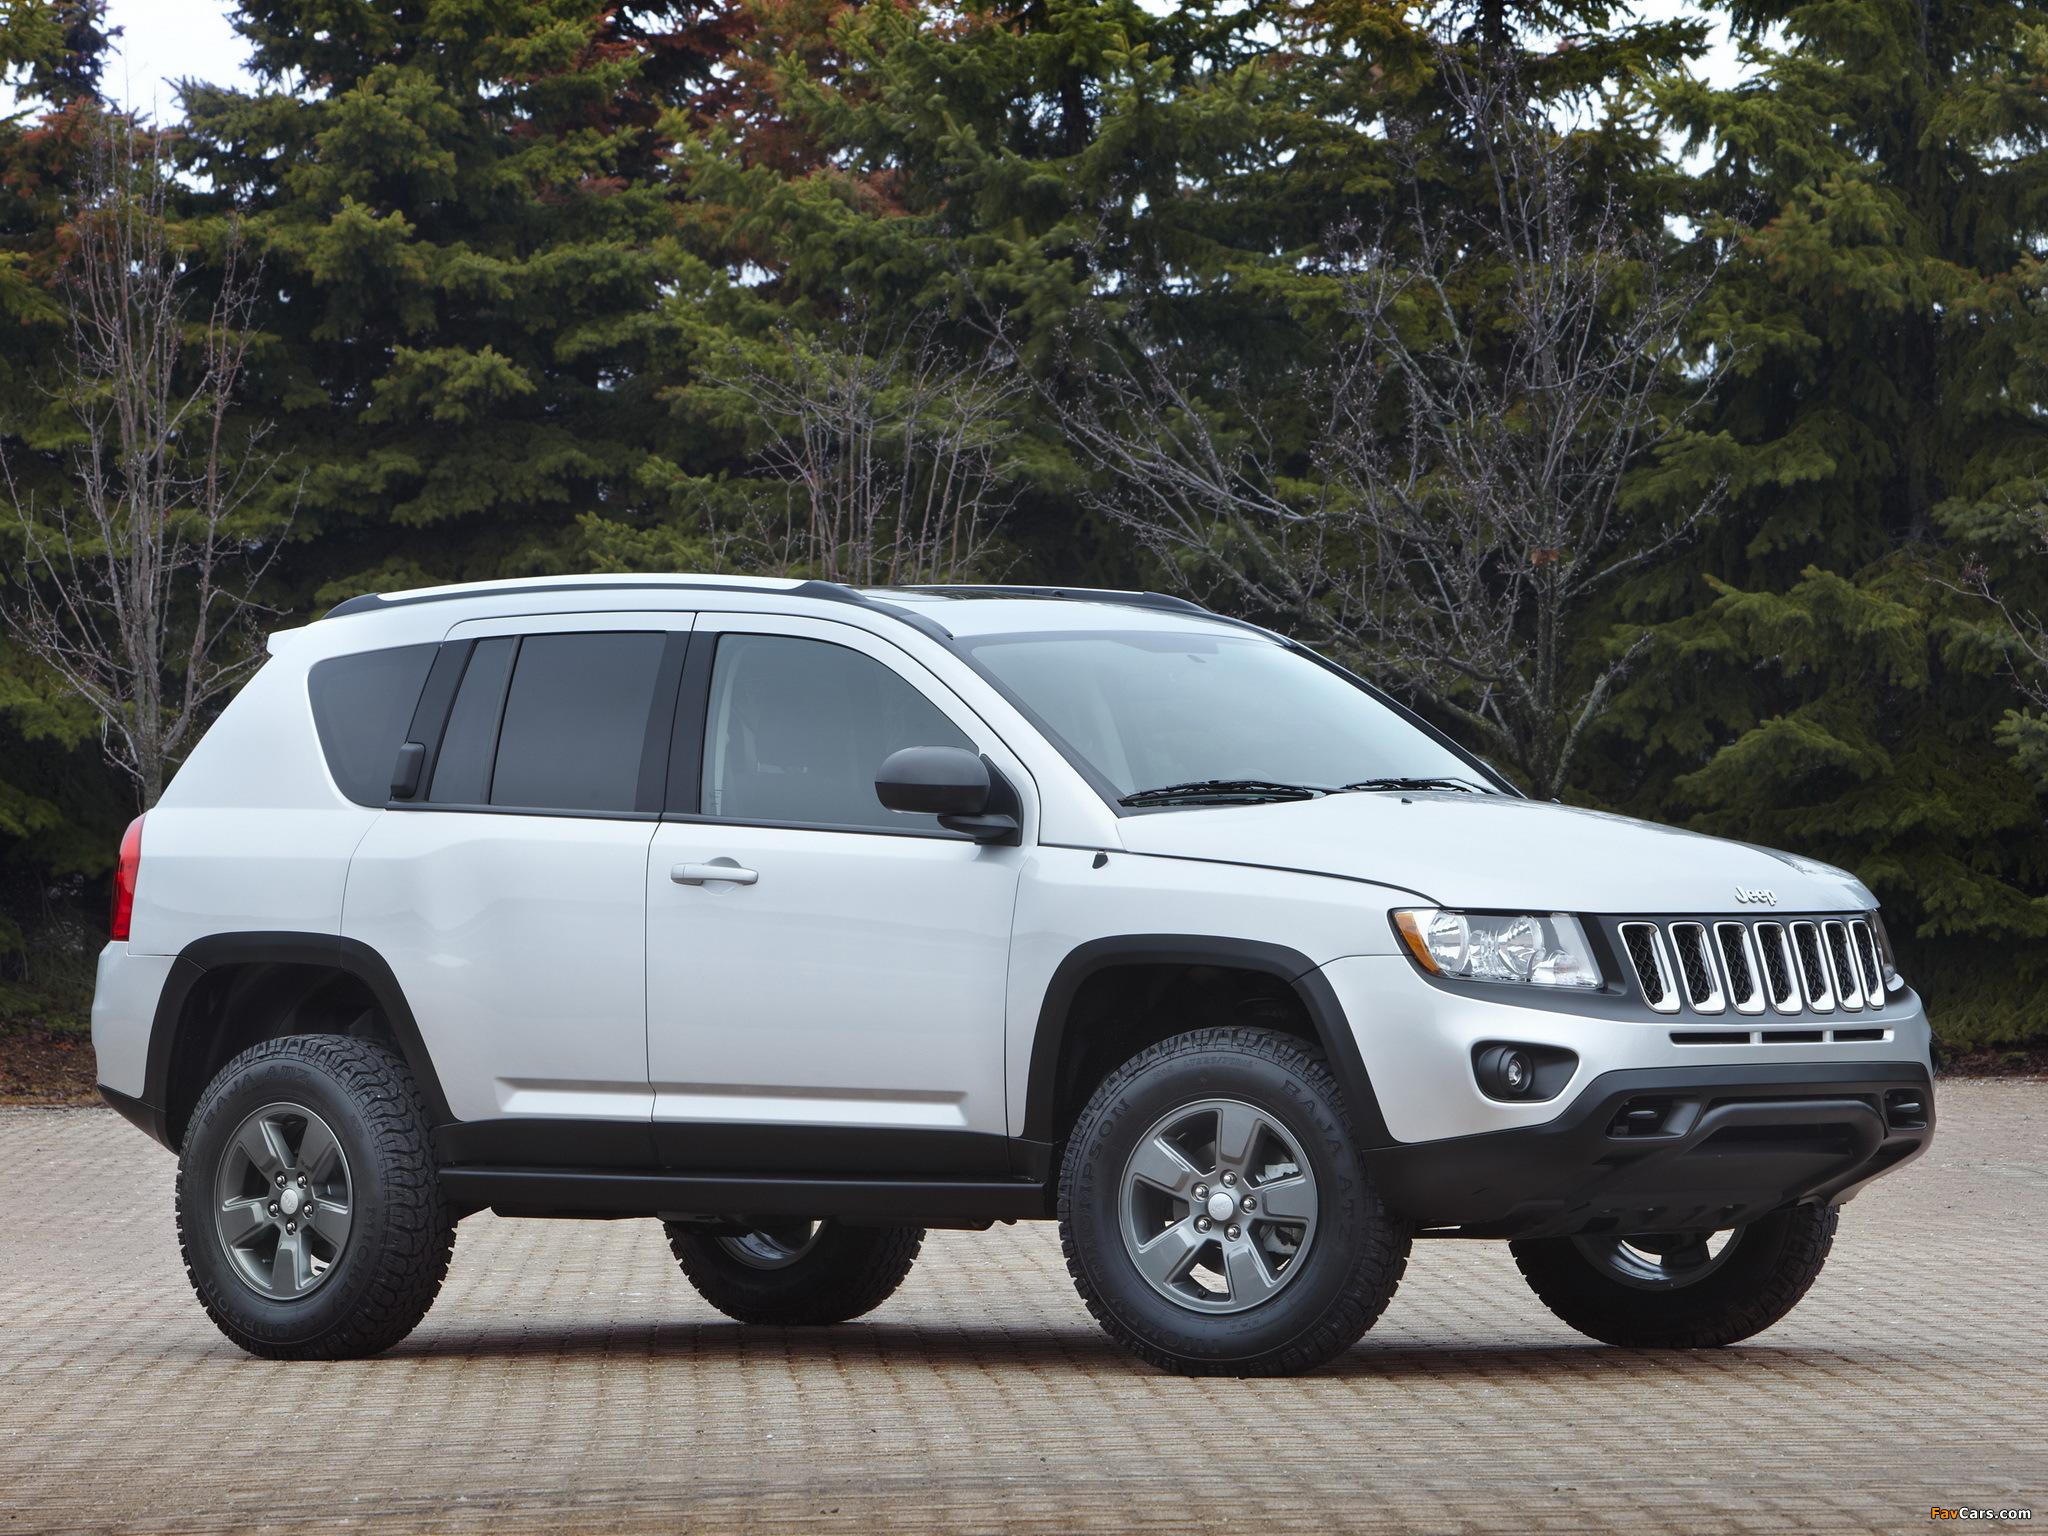 Mopar Jeep Compass Canyon Concept 2011 images (2048 x 1536)